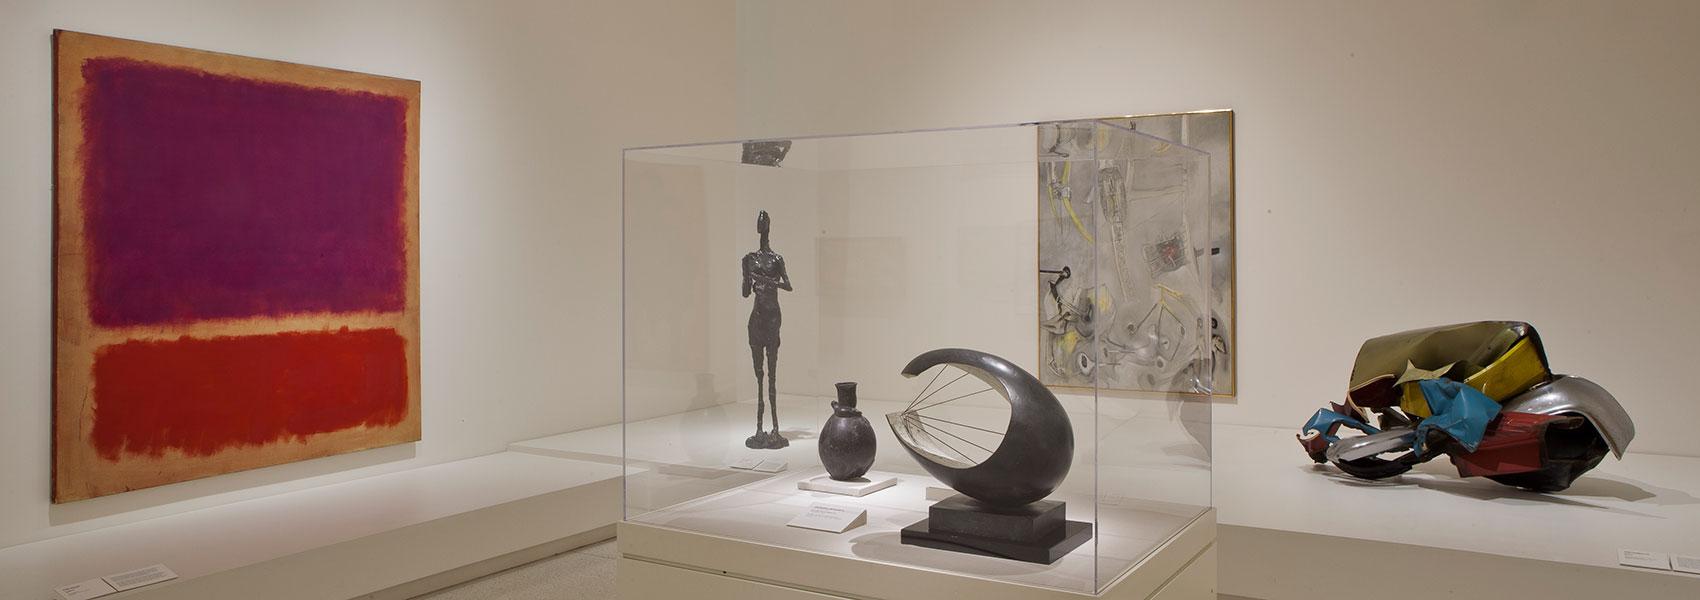 Modern Art and Design | Smart Museum of Art